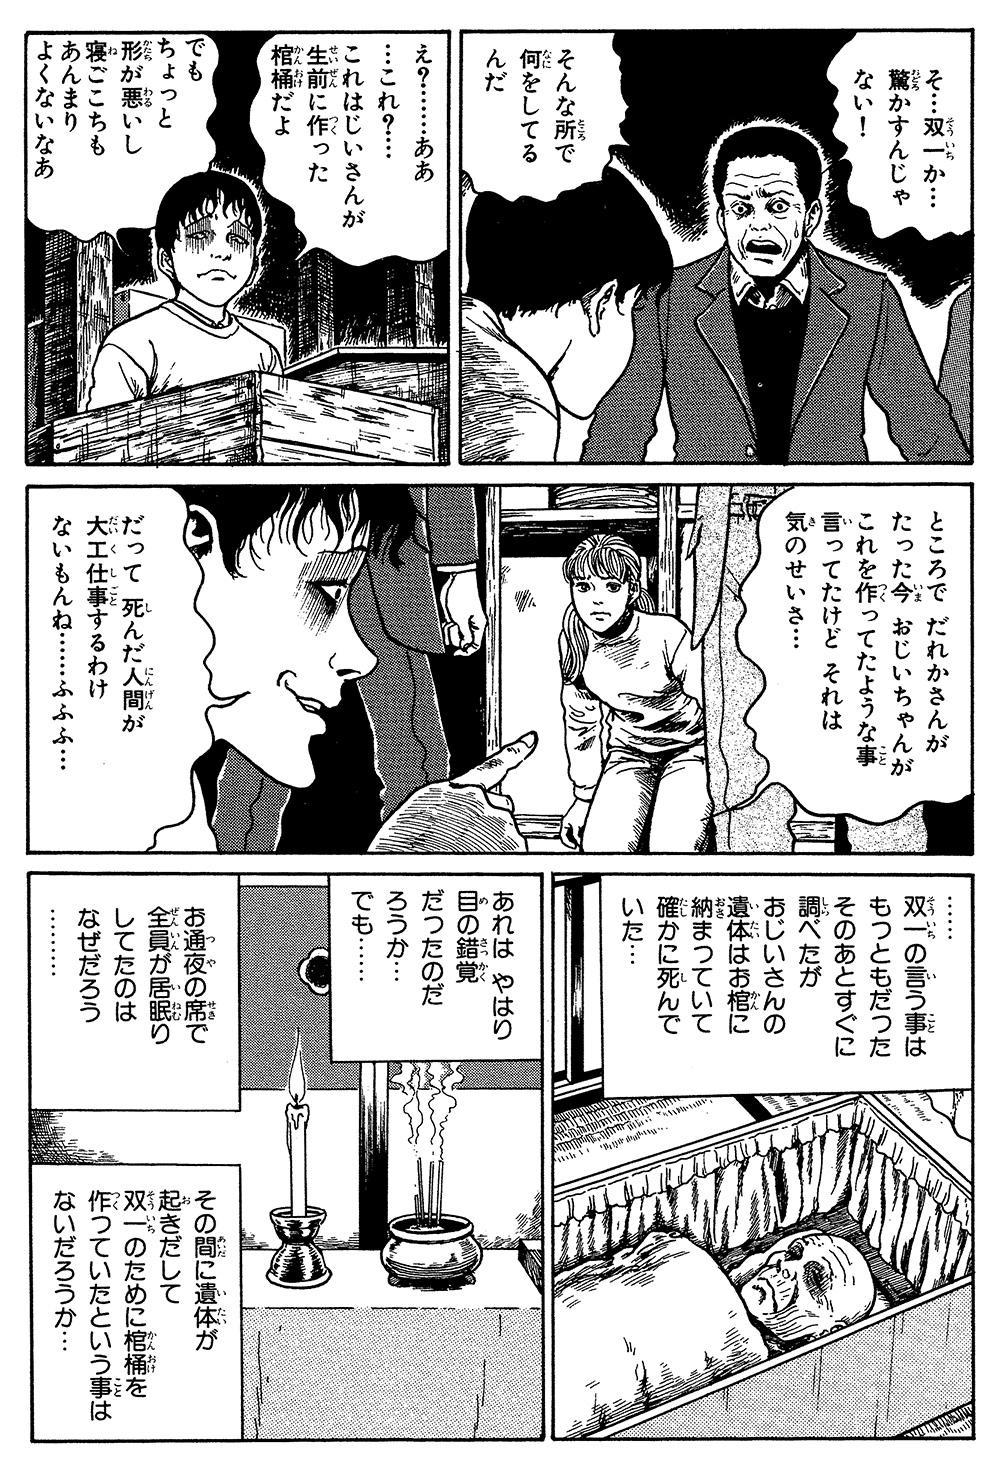 伊藤潤二傑作集「棺桶」①kanoke02-07.jpg